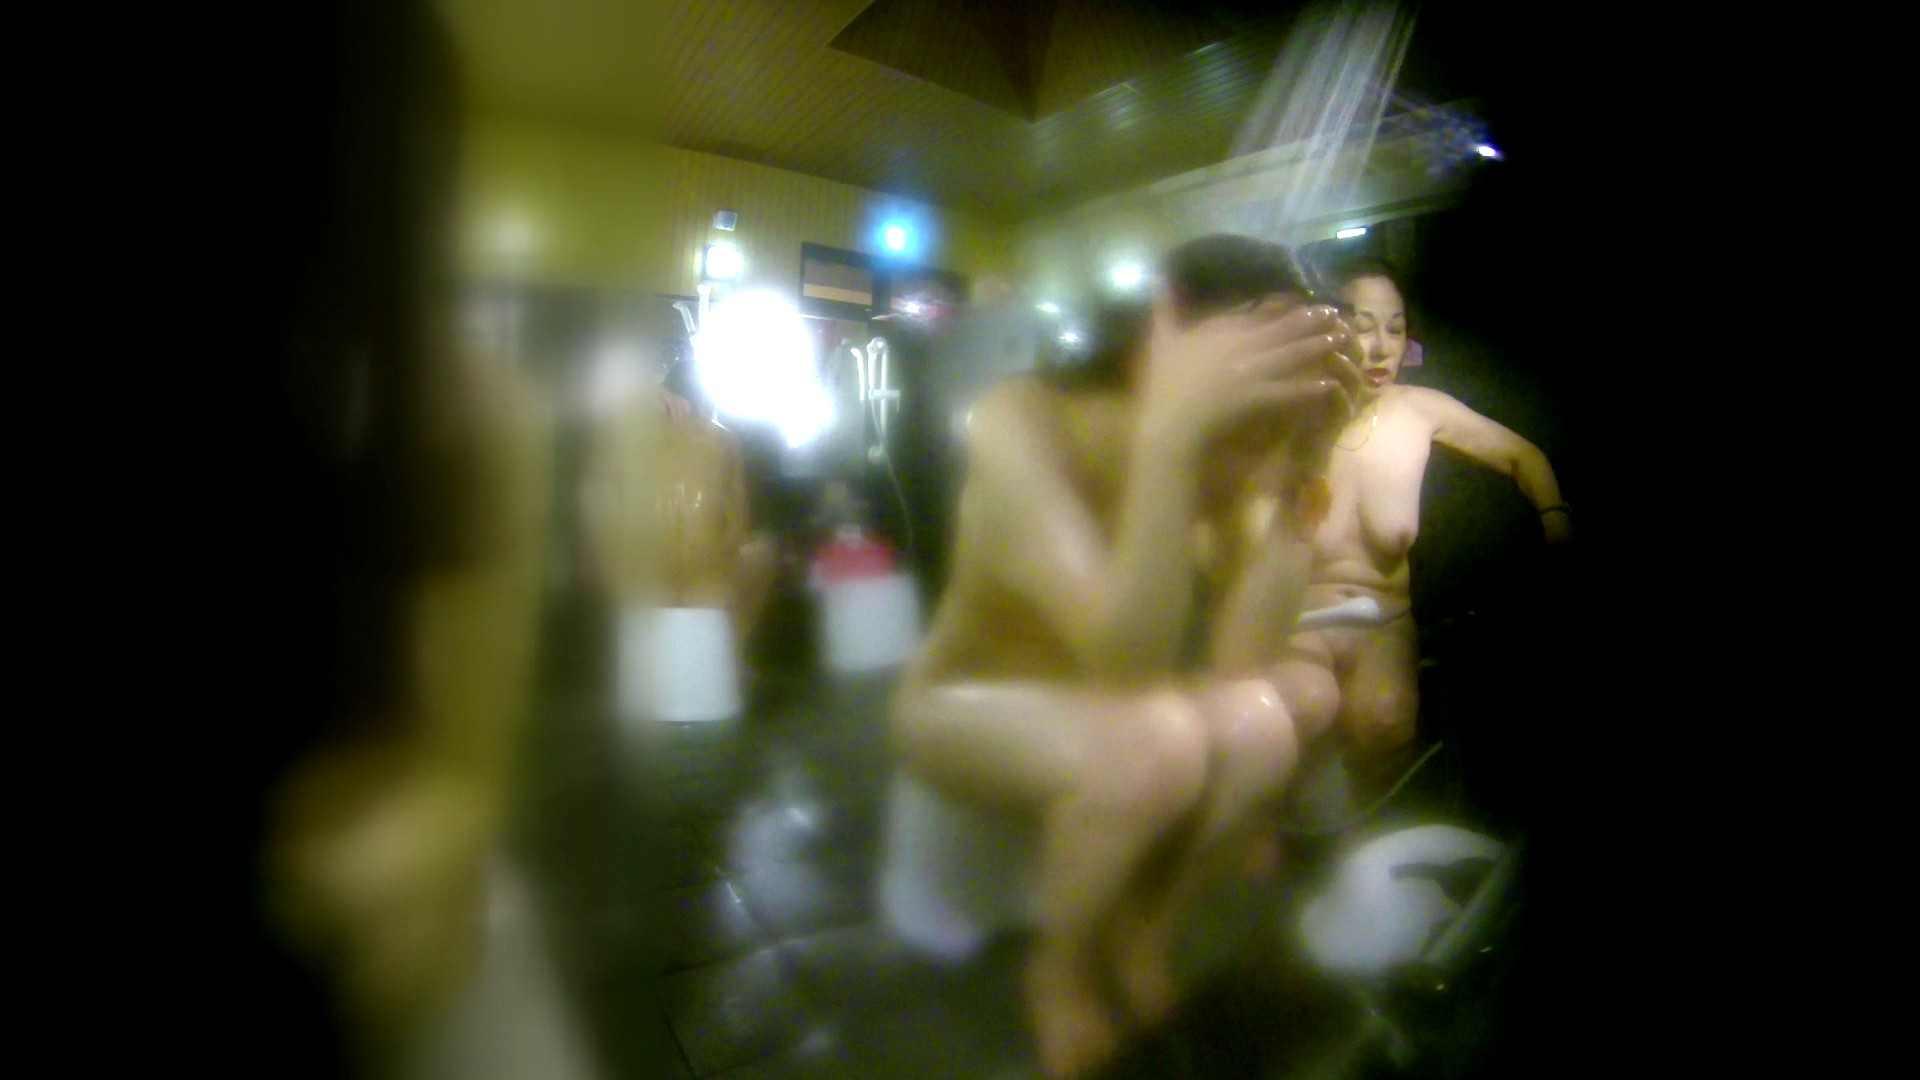 洗い場!右足の位置がいいですね。陰毛もっさり! 美乳 オマンコ無修正動画無料 111画像 109